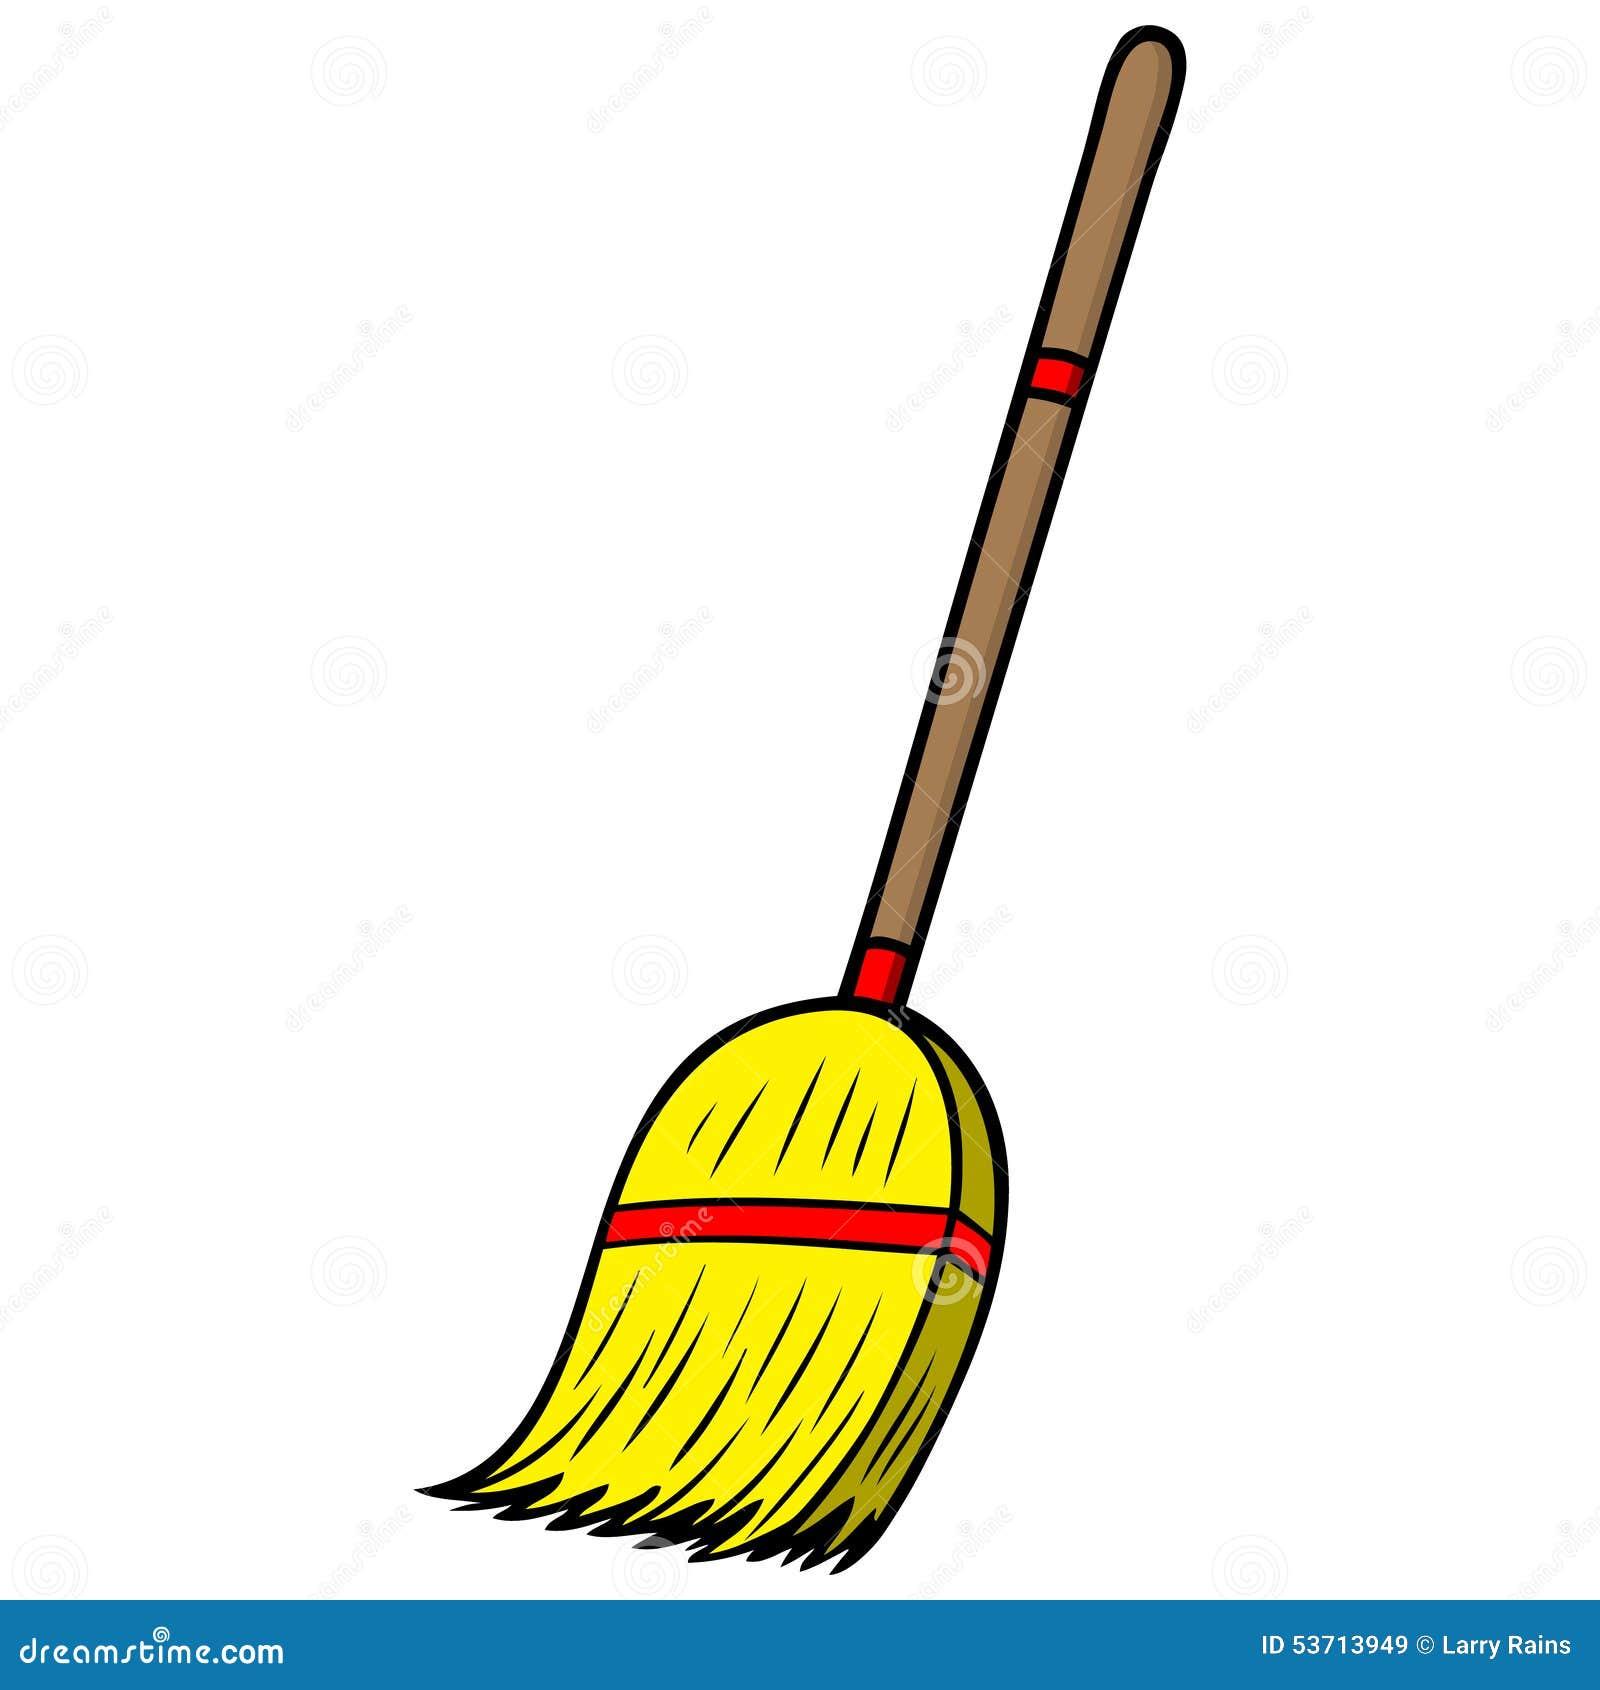 escoba ilustraci u00f3n del vector imagen 53713949 broom clip art cameo bedroom clipart